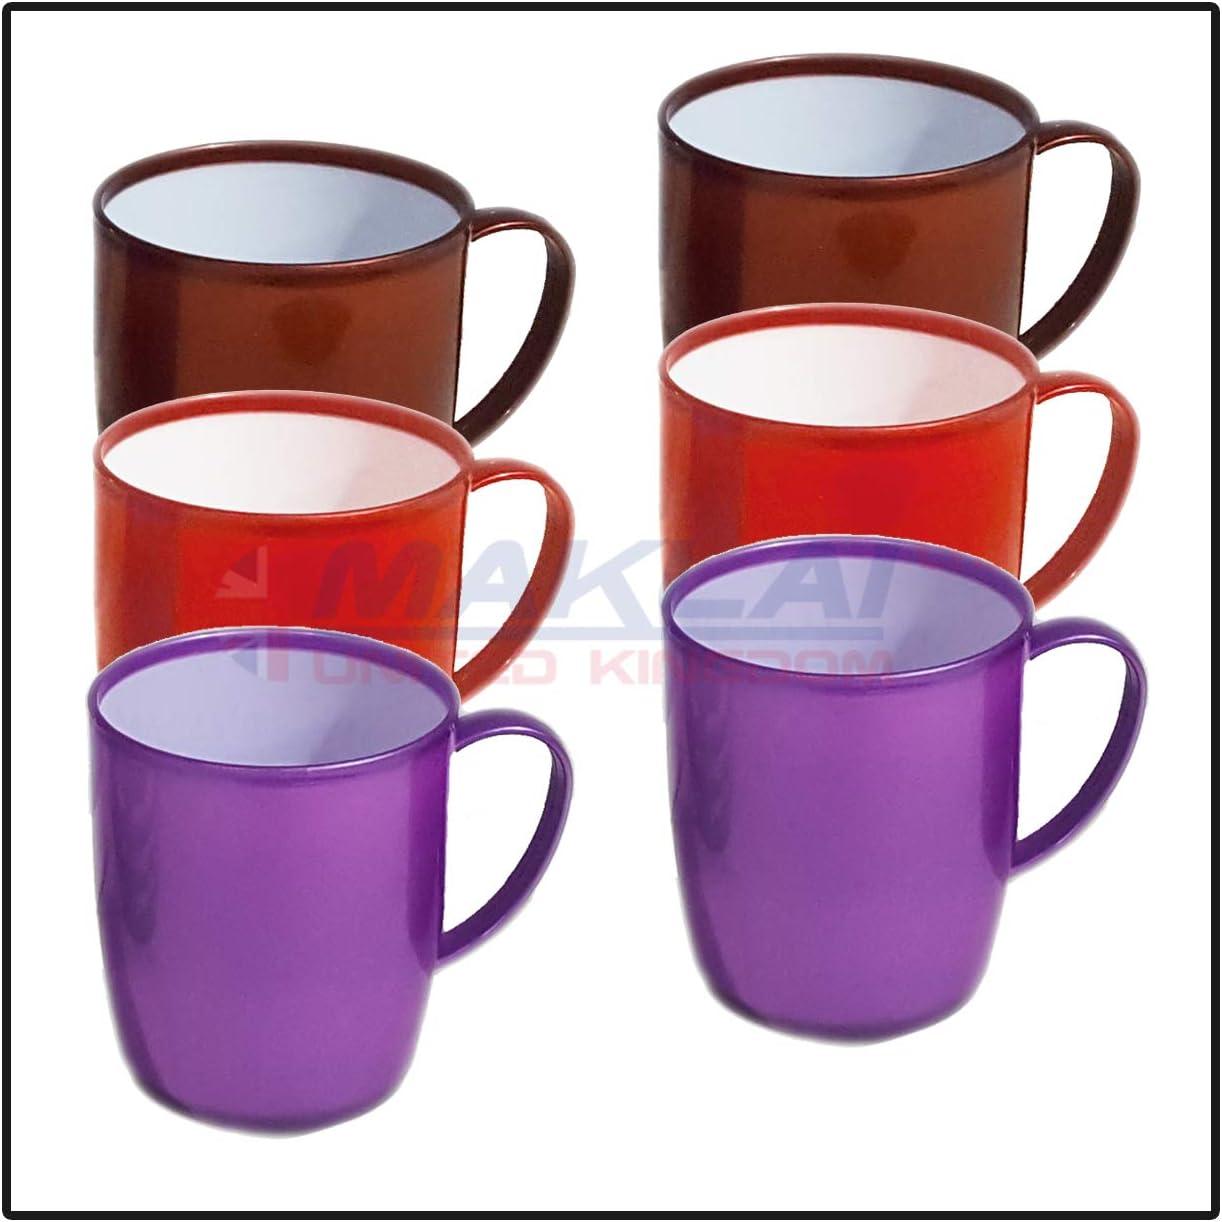 Juego de 6 tazas de plástico con asa de colores surtidos para viajes/niños DYNASTY sin BPA